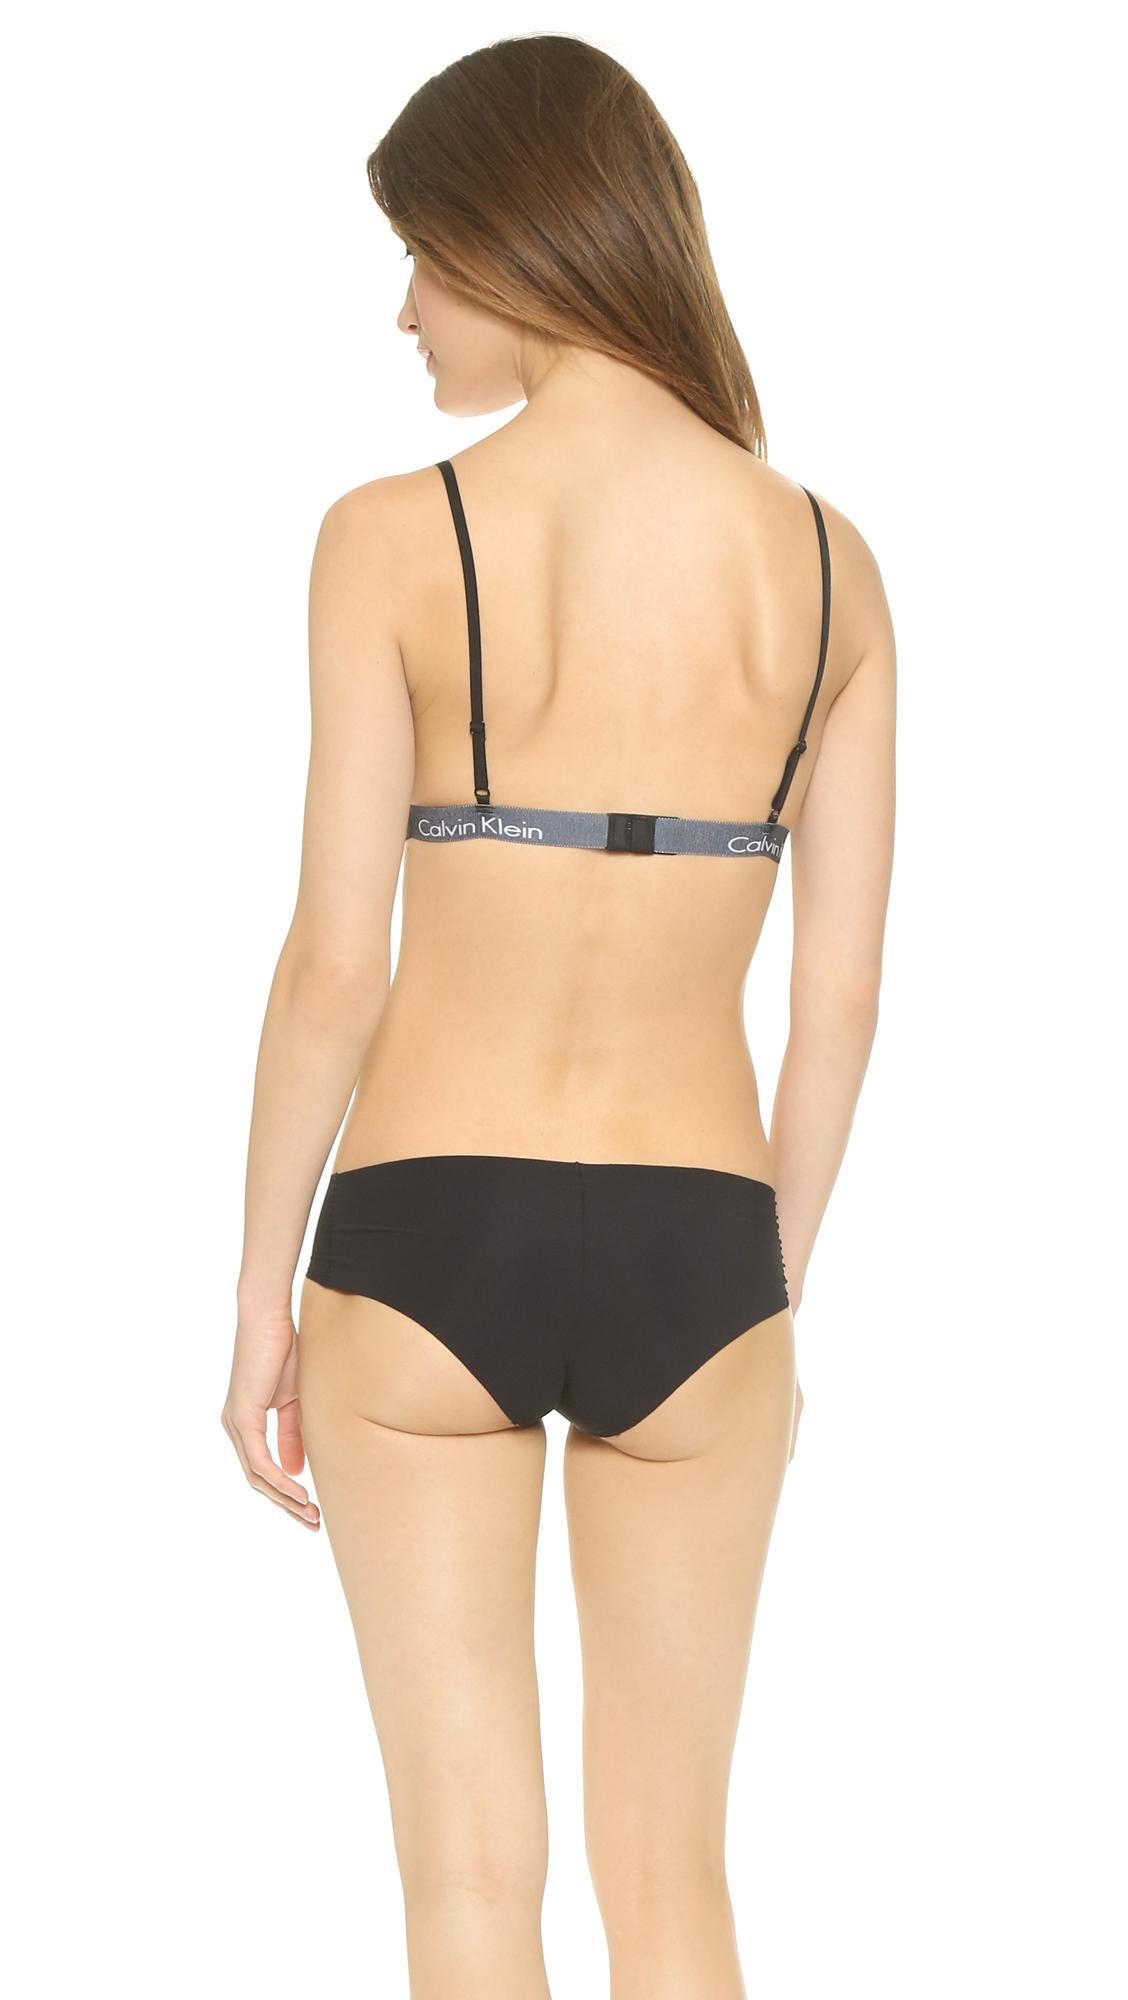 59eeb9109c2556 Lyst - Calvin Klein Fashion Cotton Triangle Bralette - Black in Black